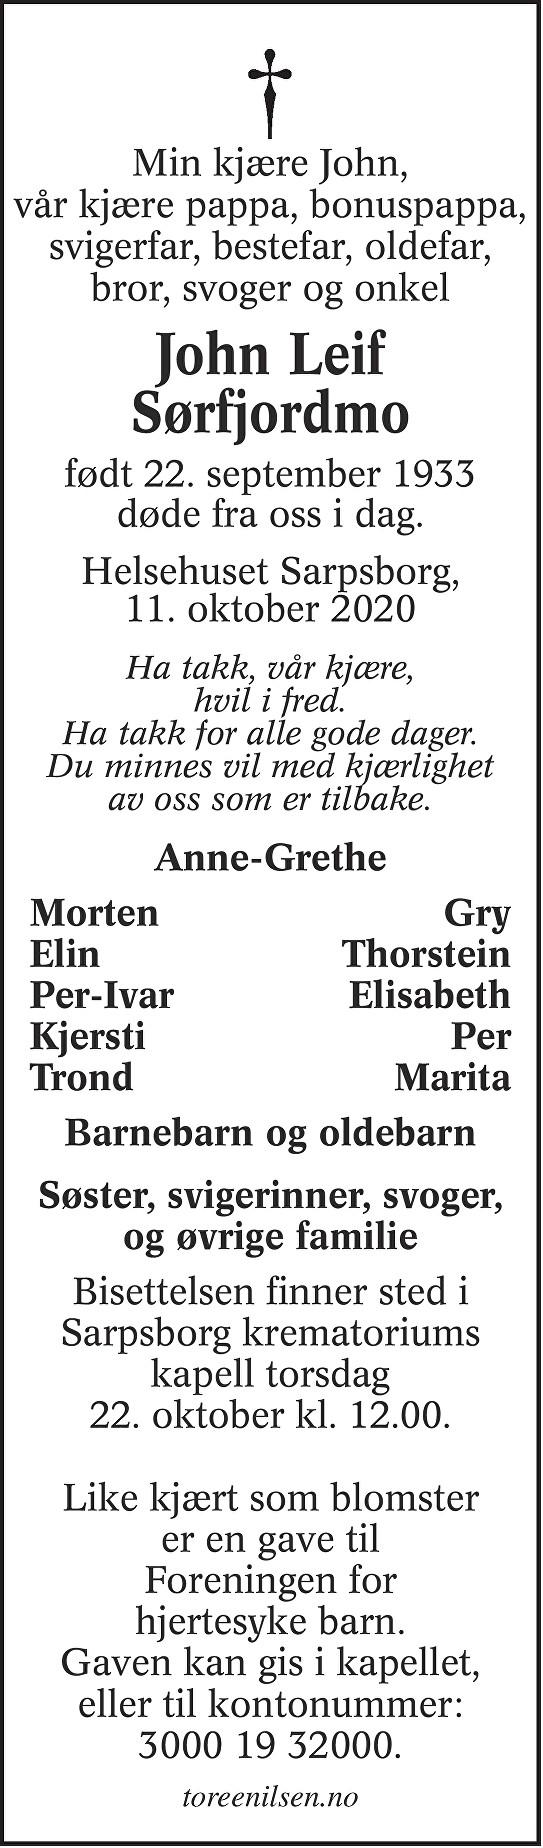 John Leif Sørfjordmo Dødsannonse